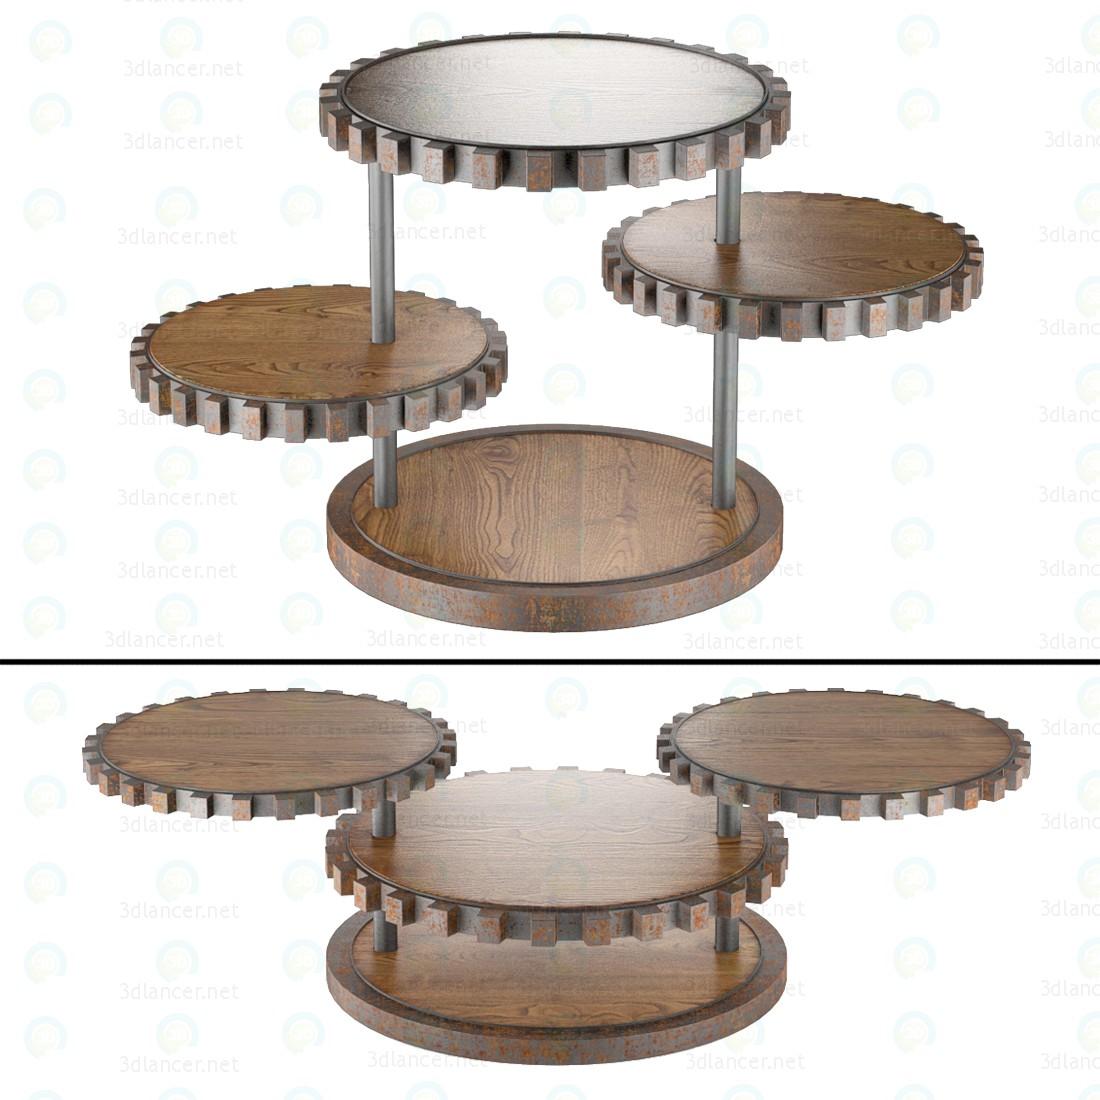 Mesa de extremo de piñones 3D modelo Compro - render